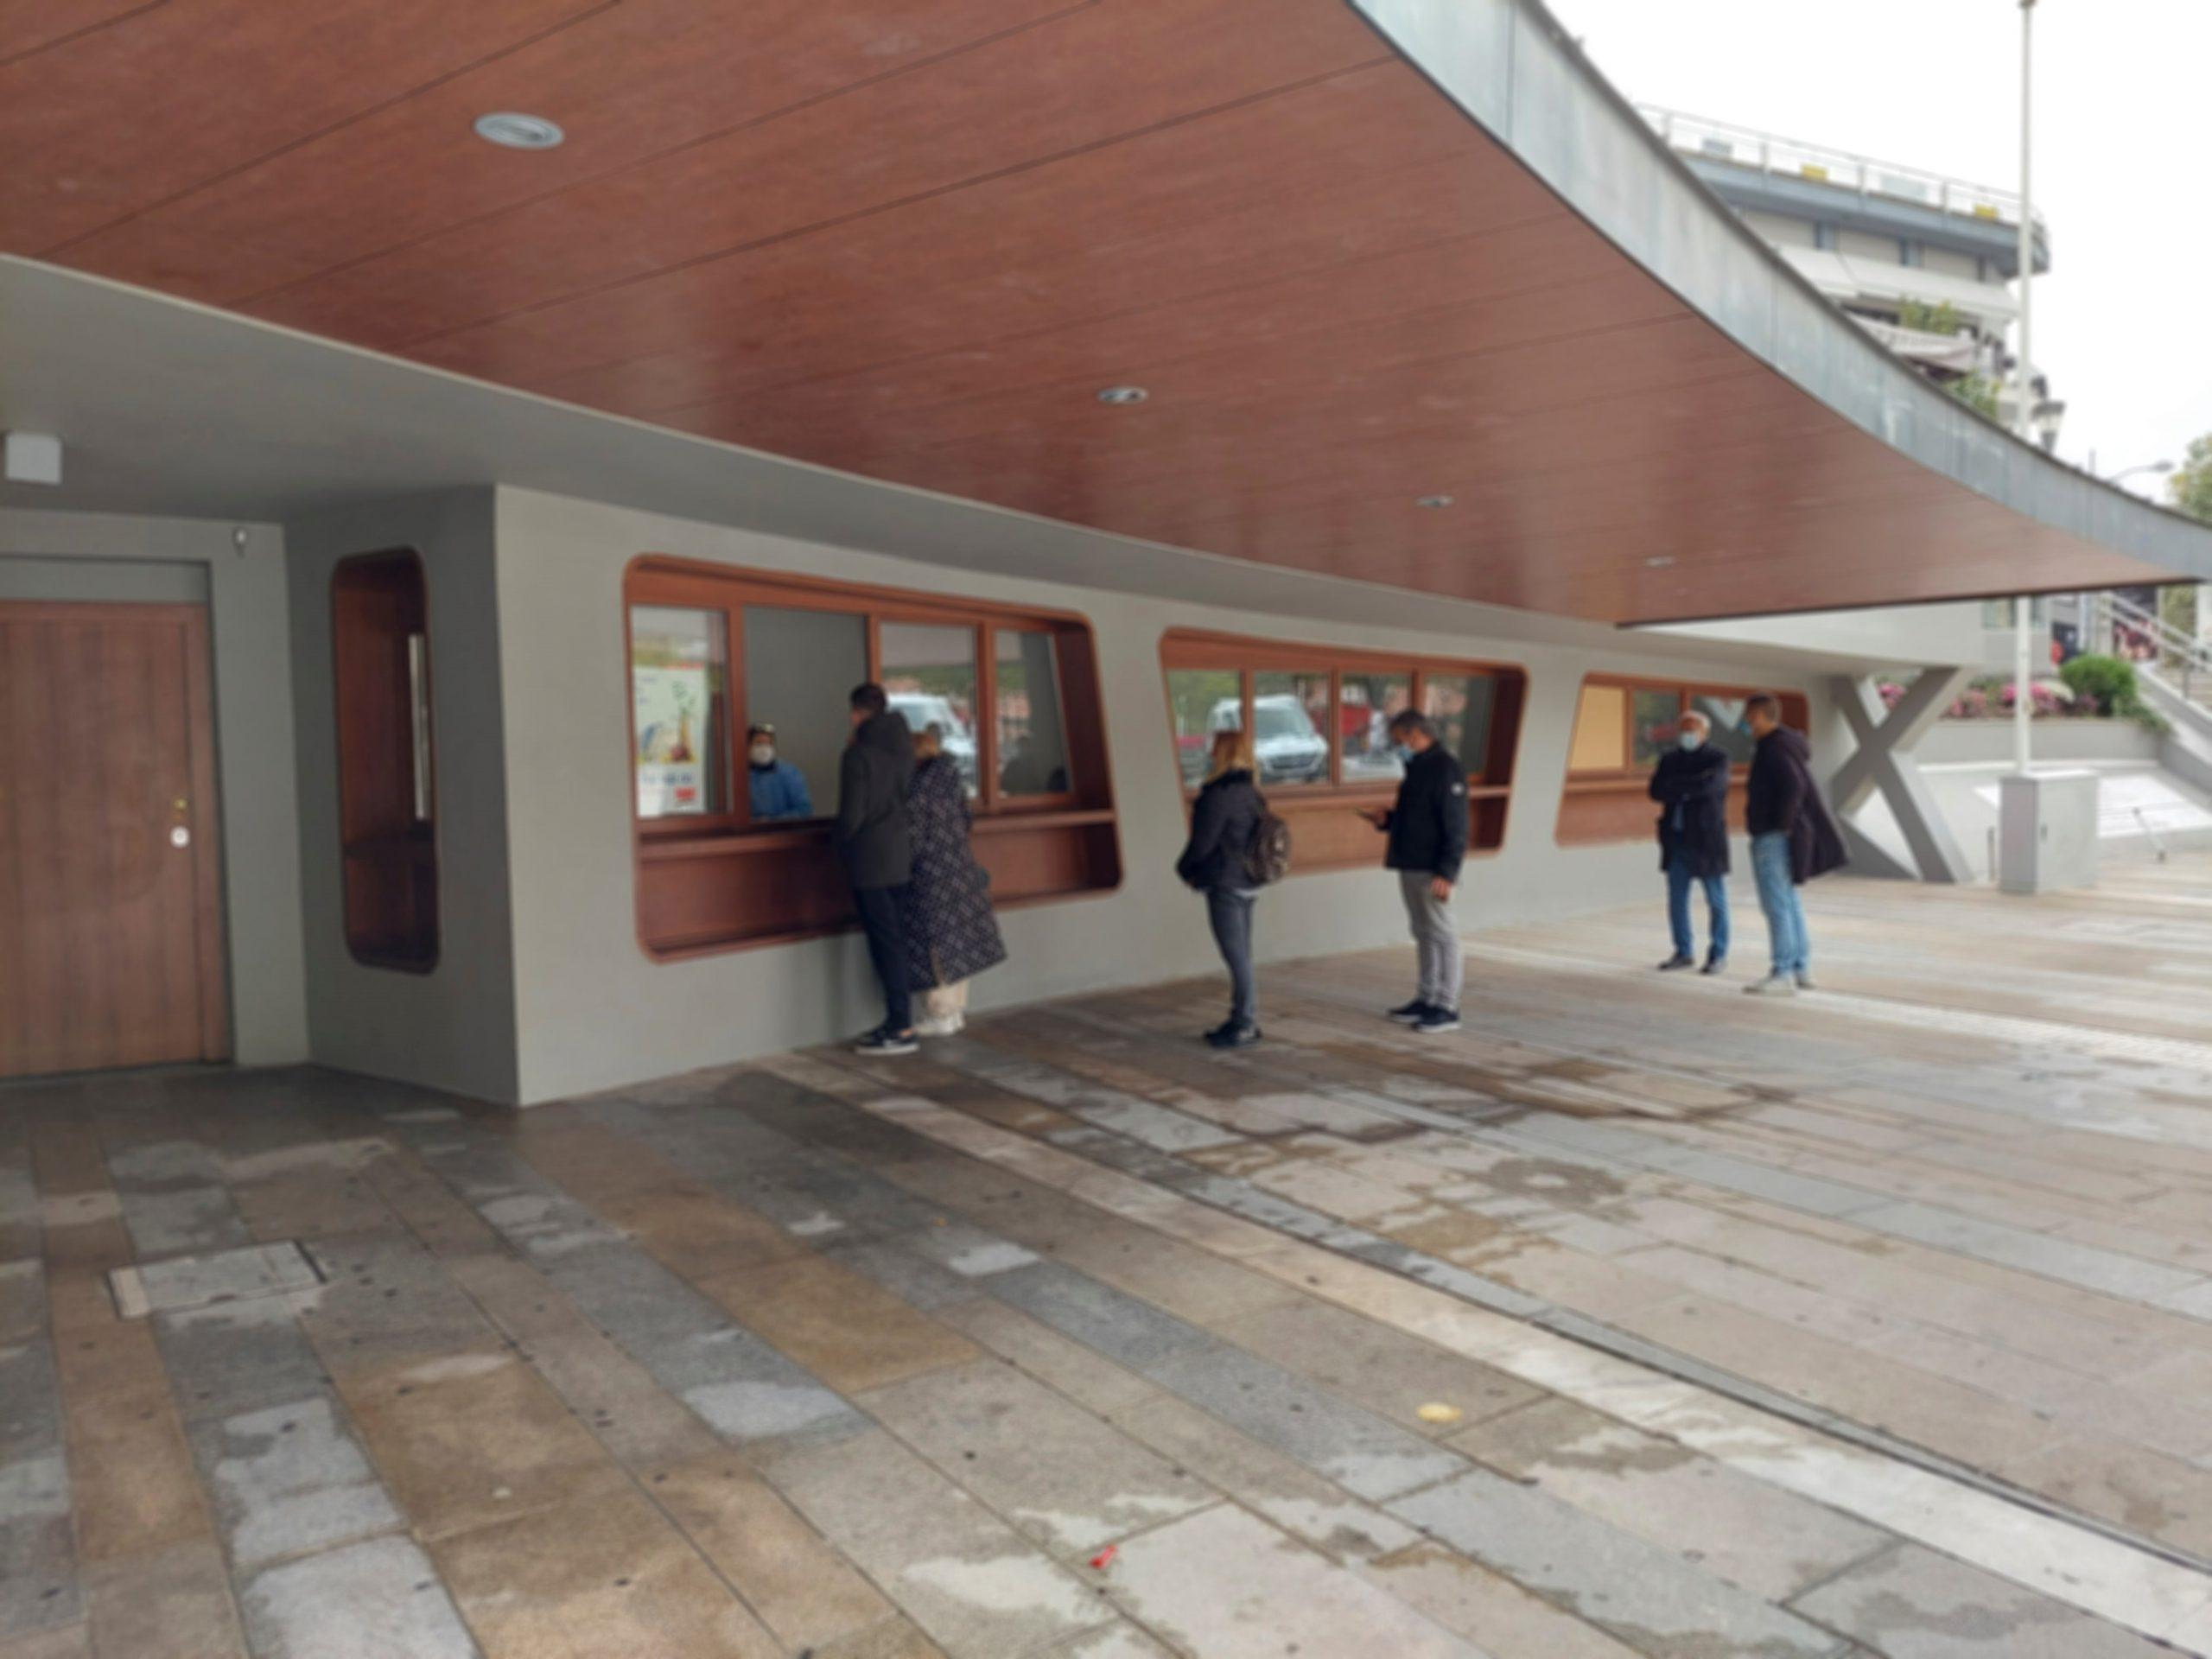 69 αρνητικά και 1 θετικό τα αποτελέσματα των rapid tests στην κεντρική πλατεία Κοζάνης